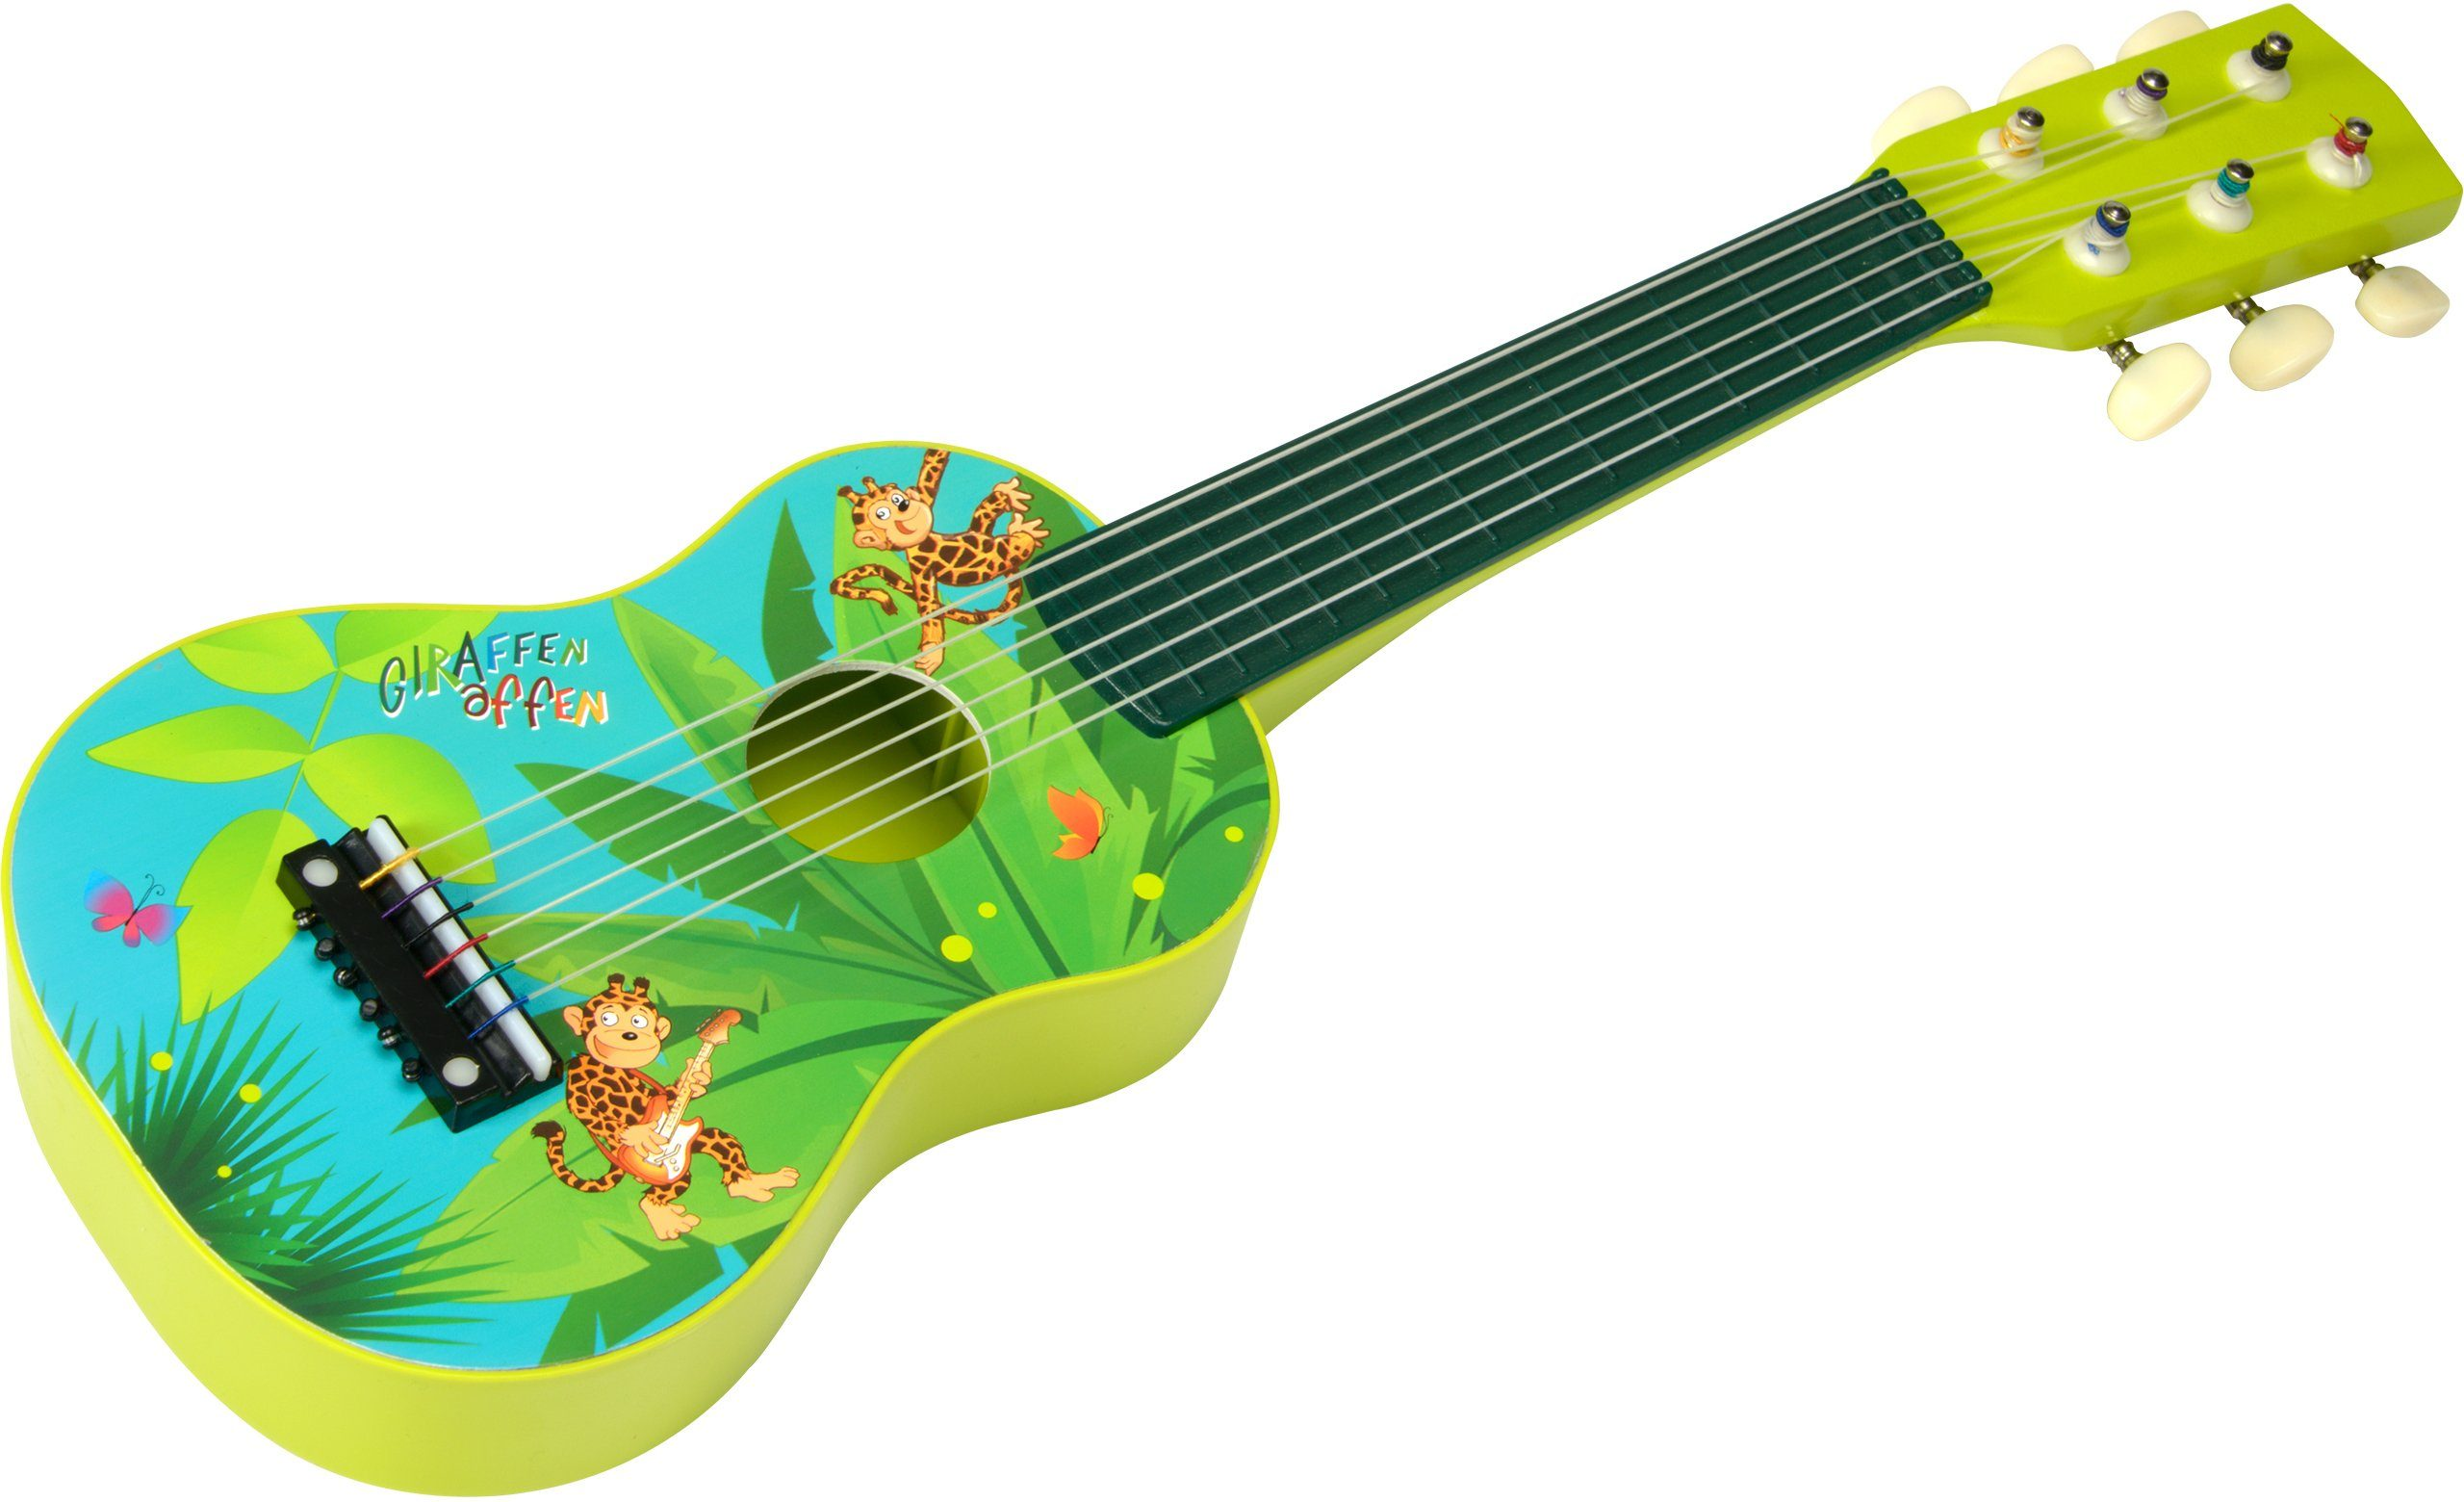 Beluga Kindergitarre, »Giraffenaffen Gitarre klein«